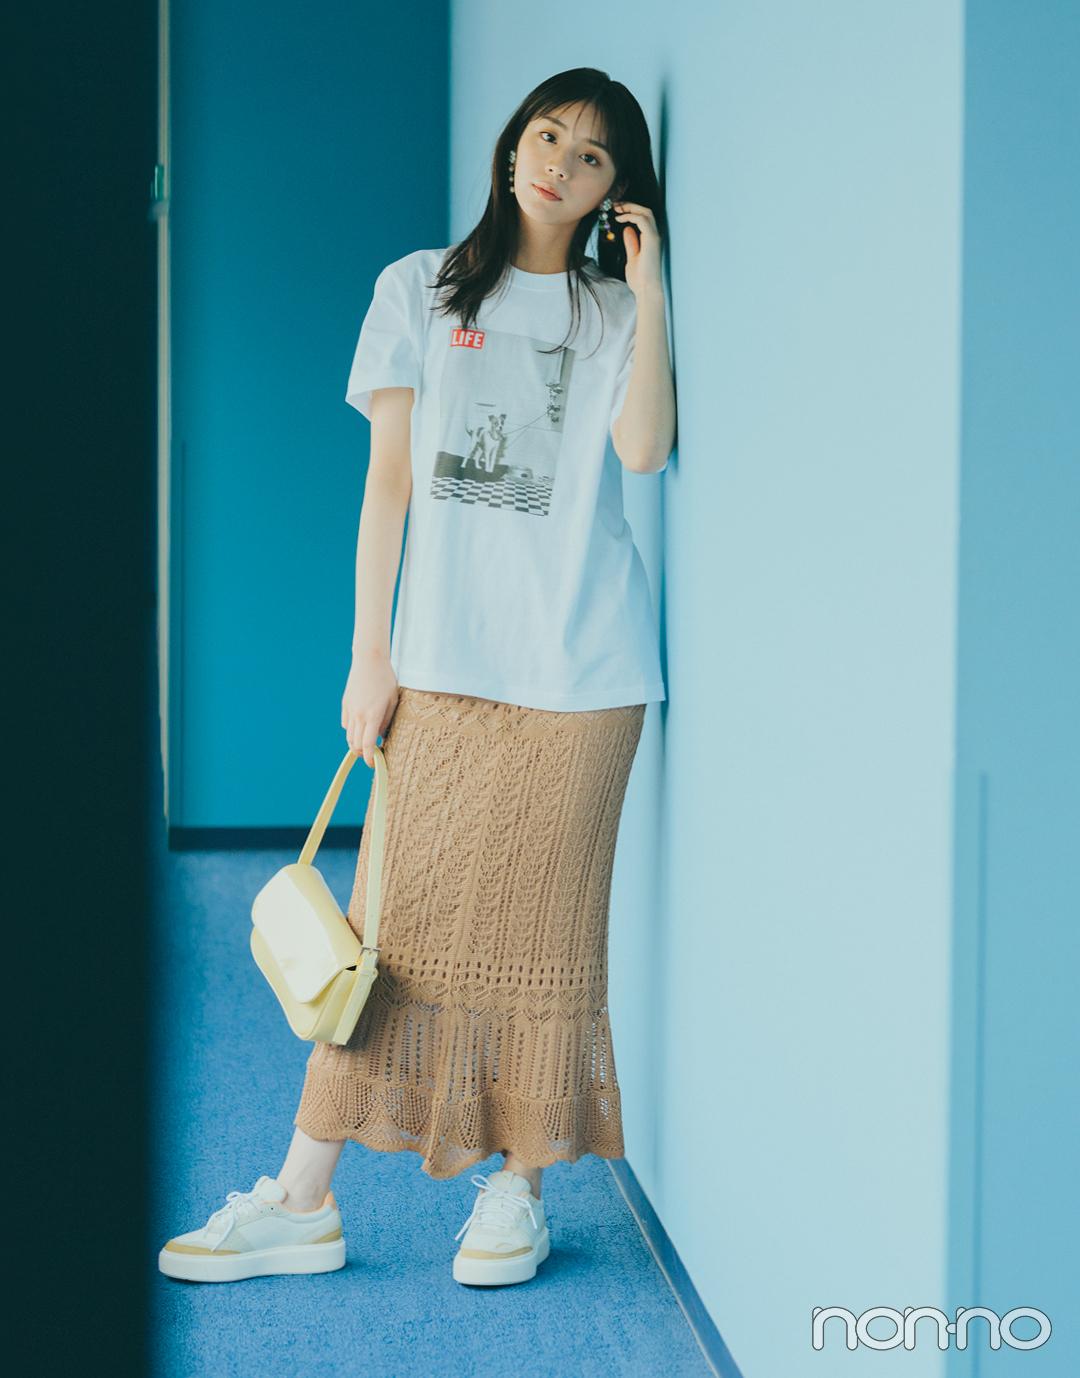 『貴島明日香』の『クロシェスカート』モデルカット4−3